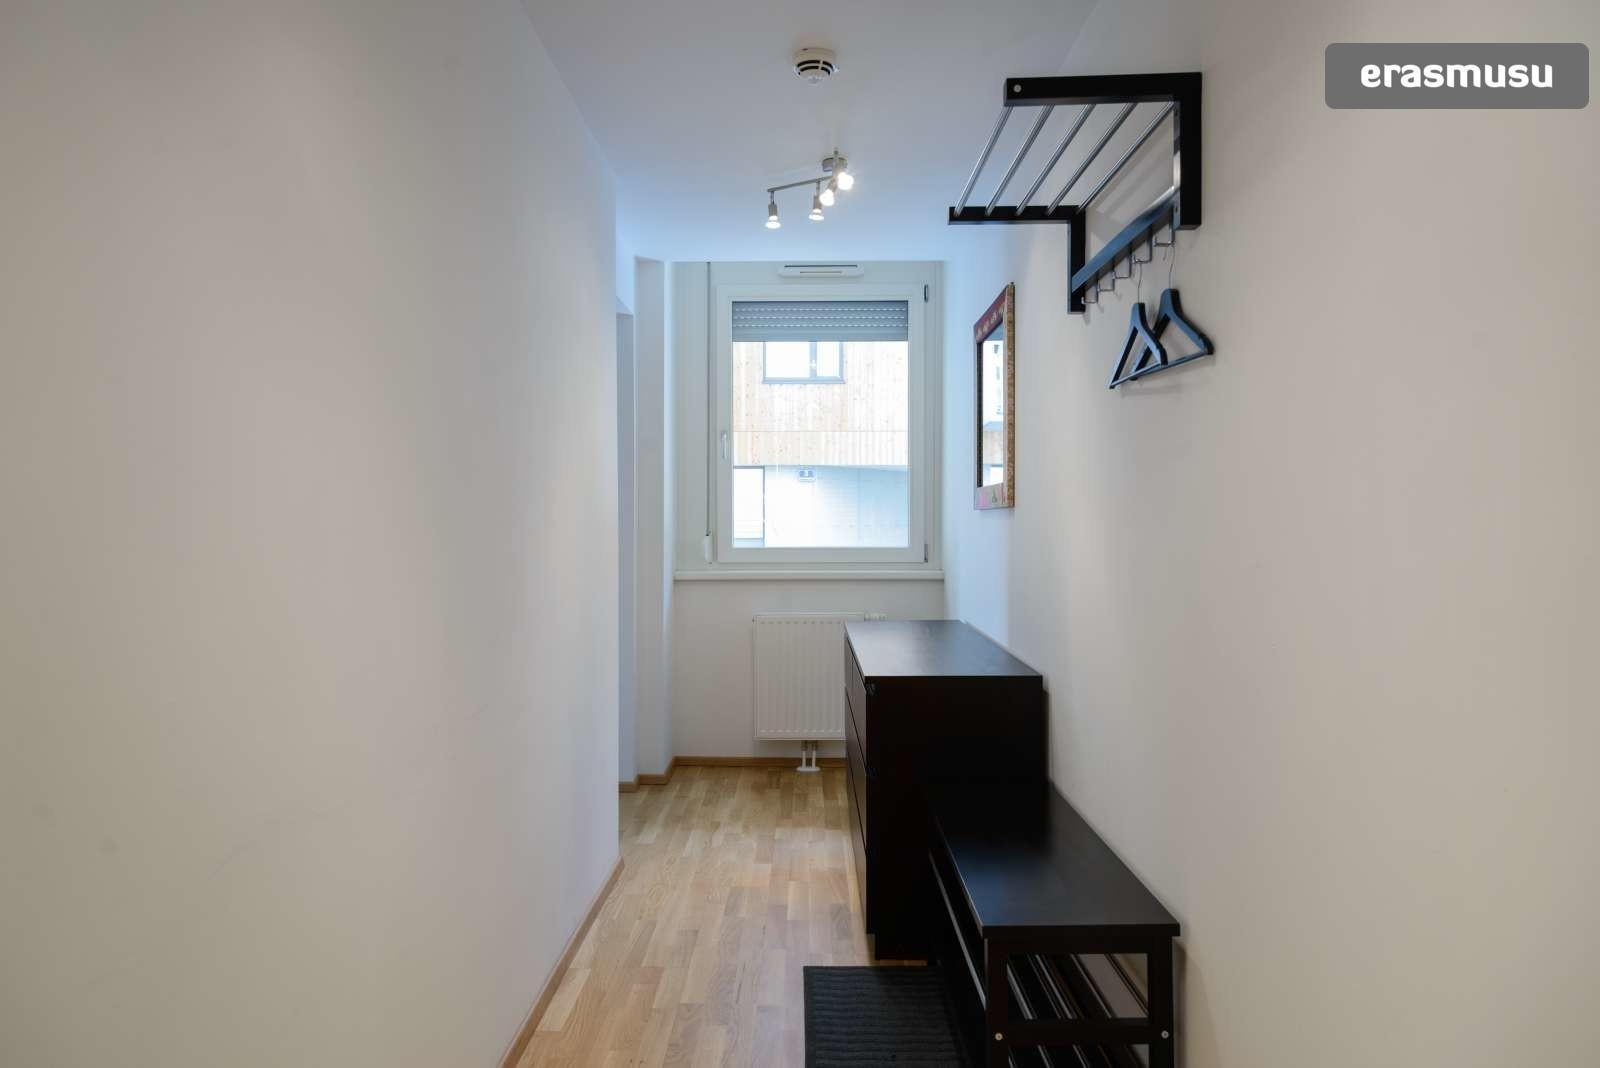 spacious-studio-apartment-rent-aspern-area-donaustadt-ff6b986932